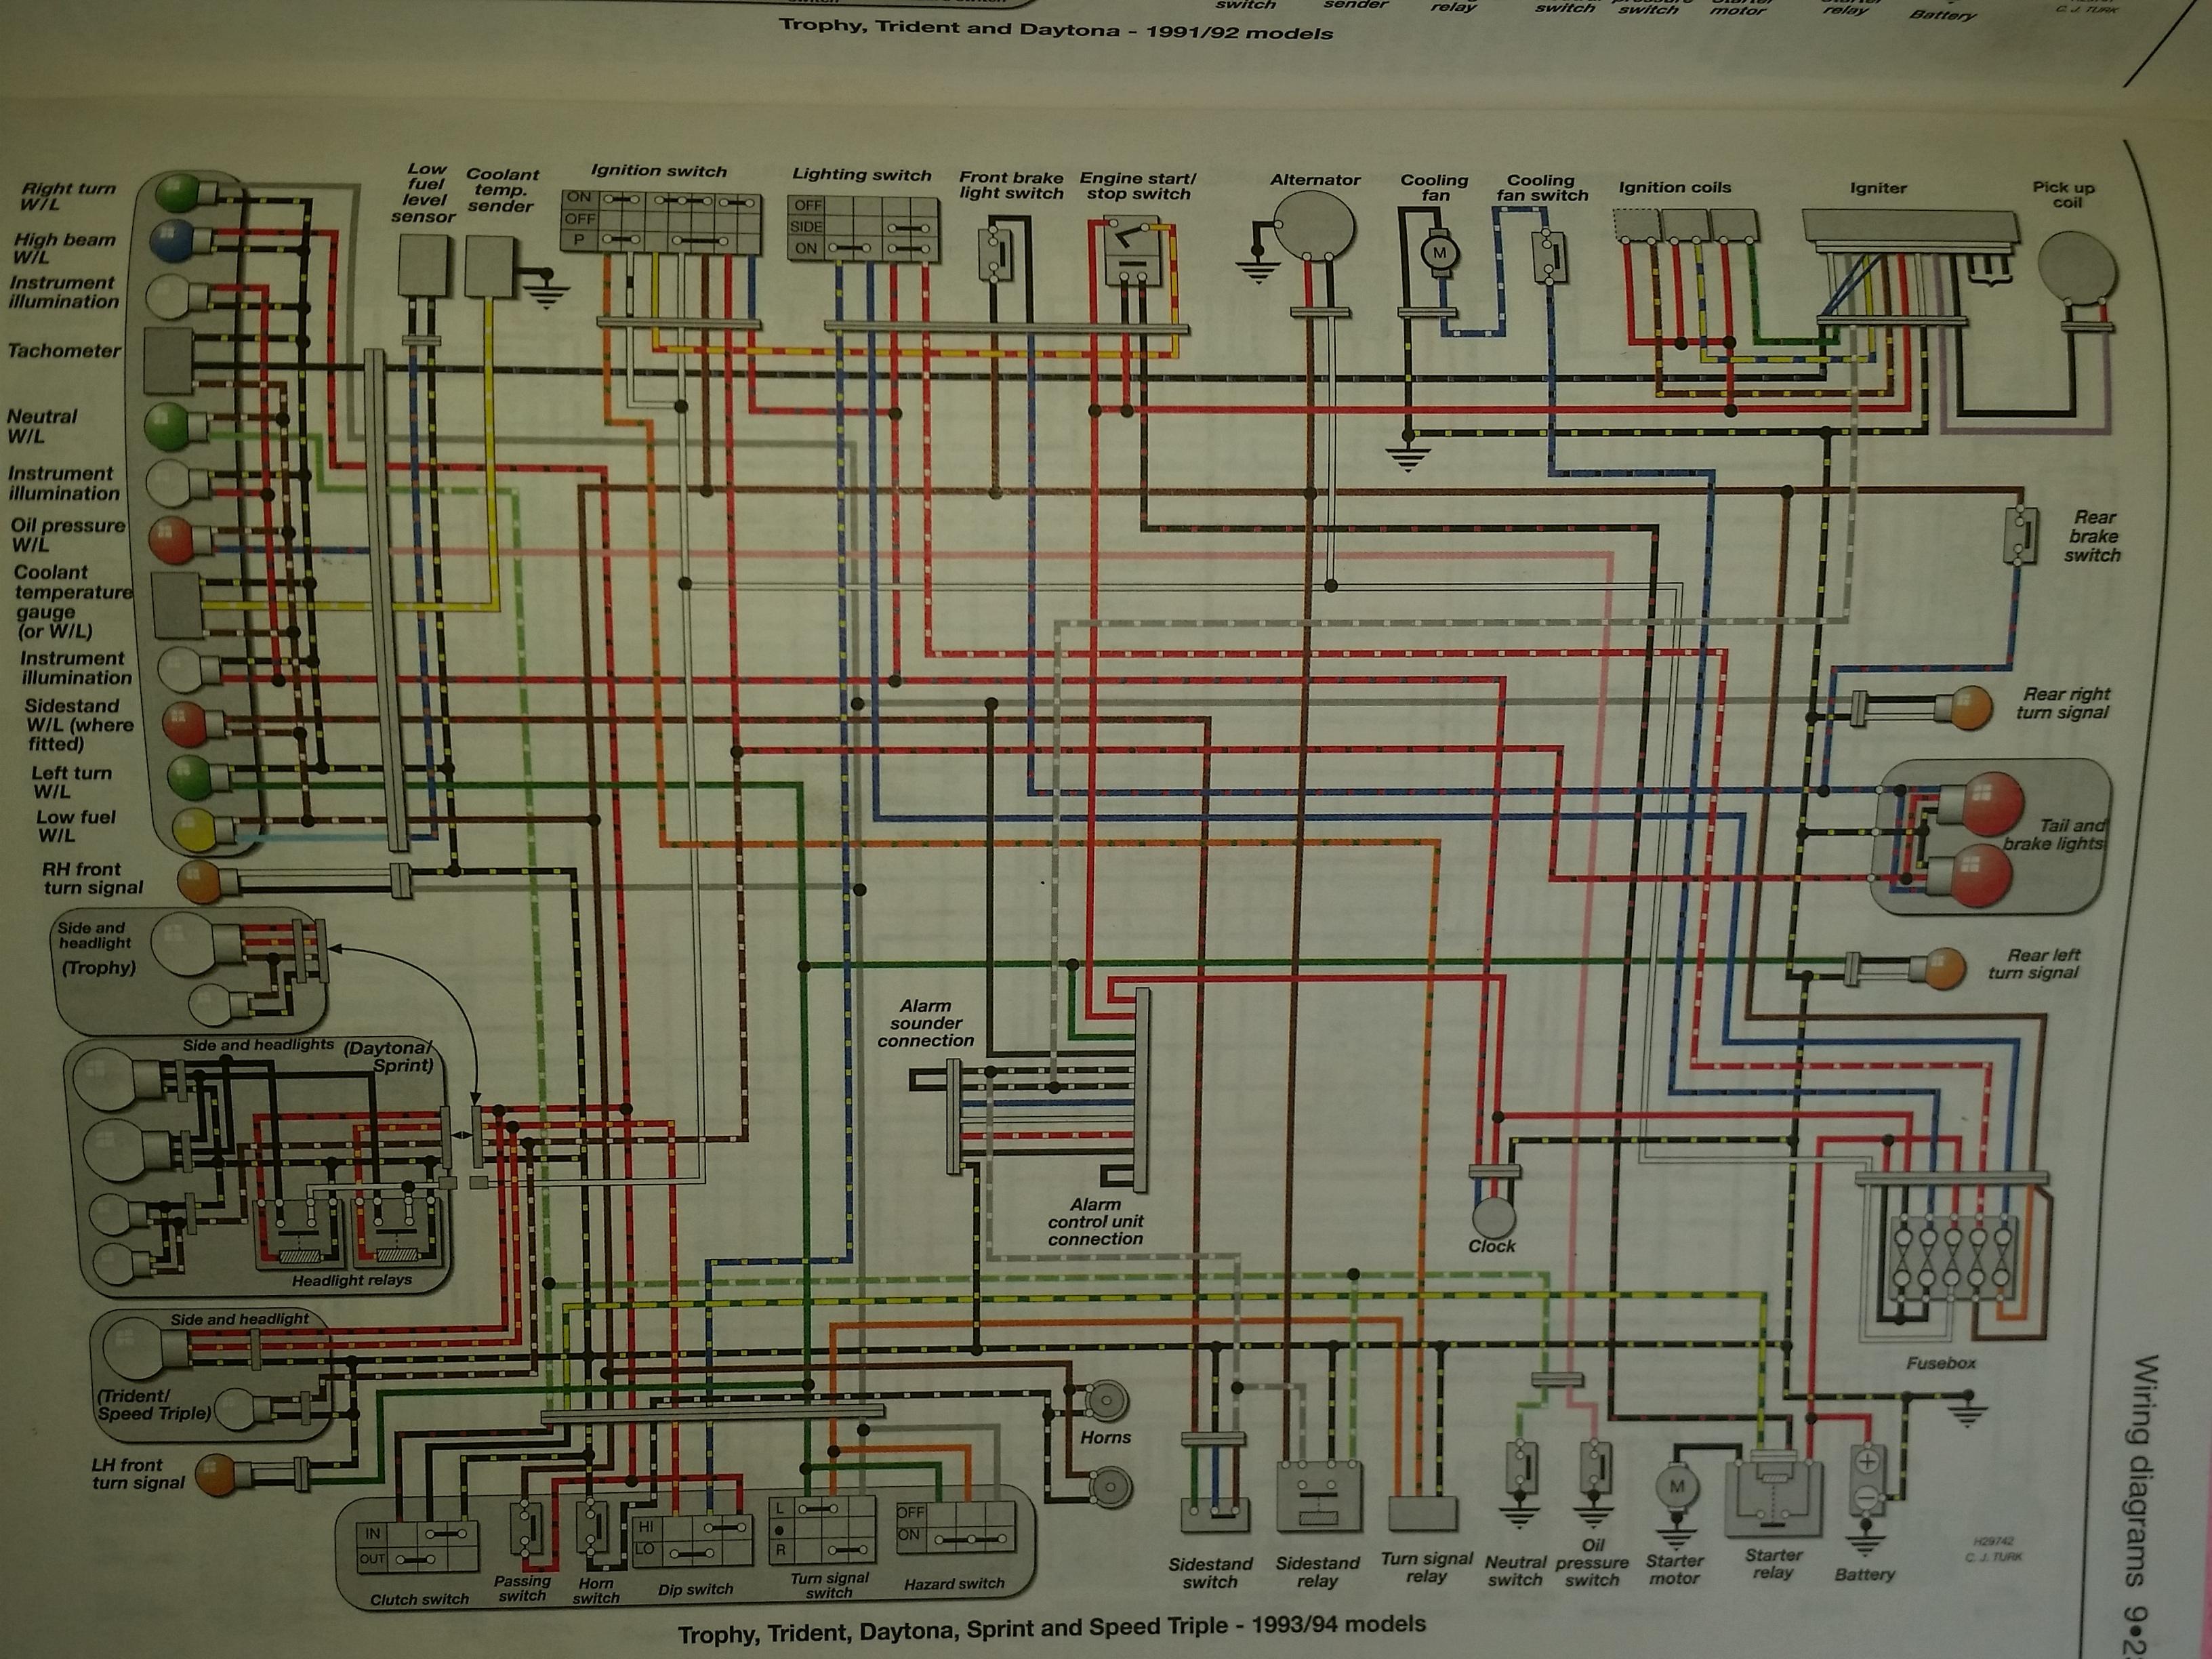 T100 Wiring Diagram Seniorsclub It Visualdraw Snack Visualdraw Snack Plus Haus It